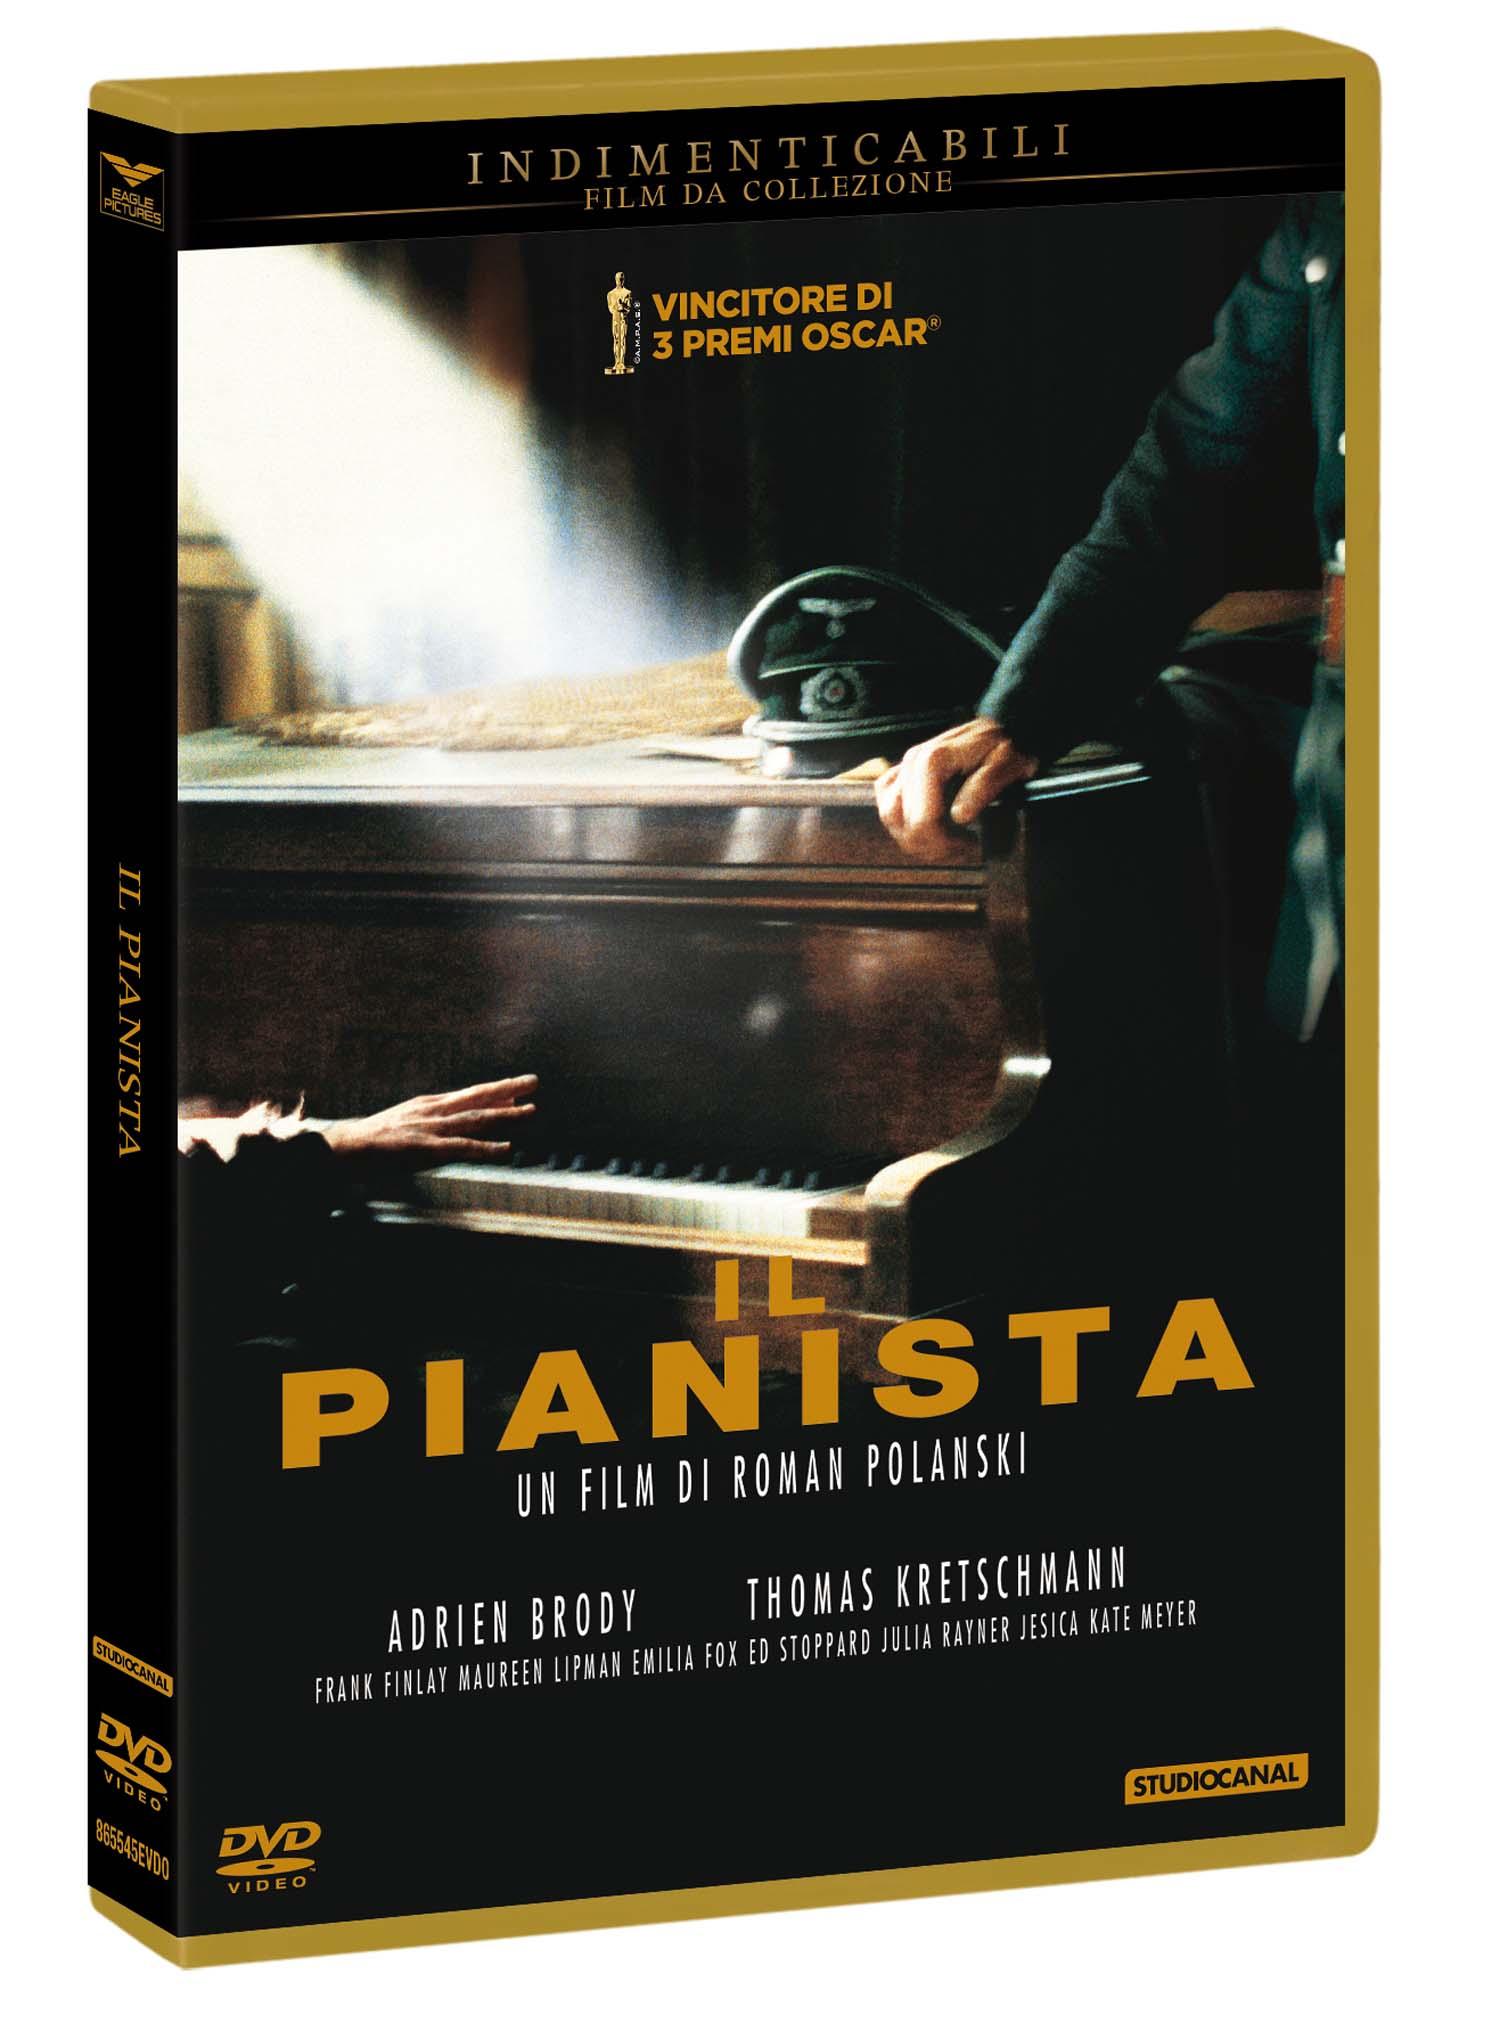 IL PIANISTA (INDIMENTICABILI) - BLU RAY